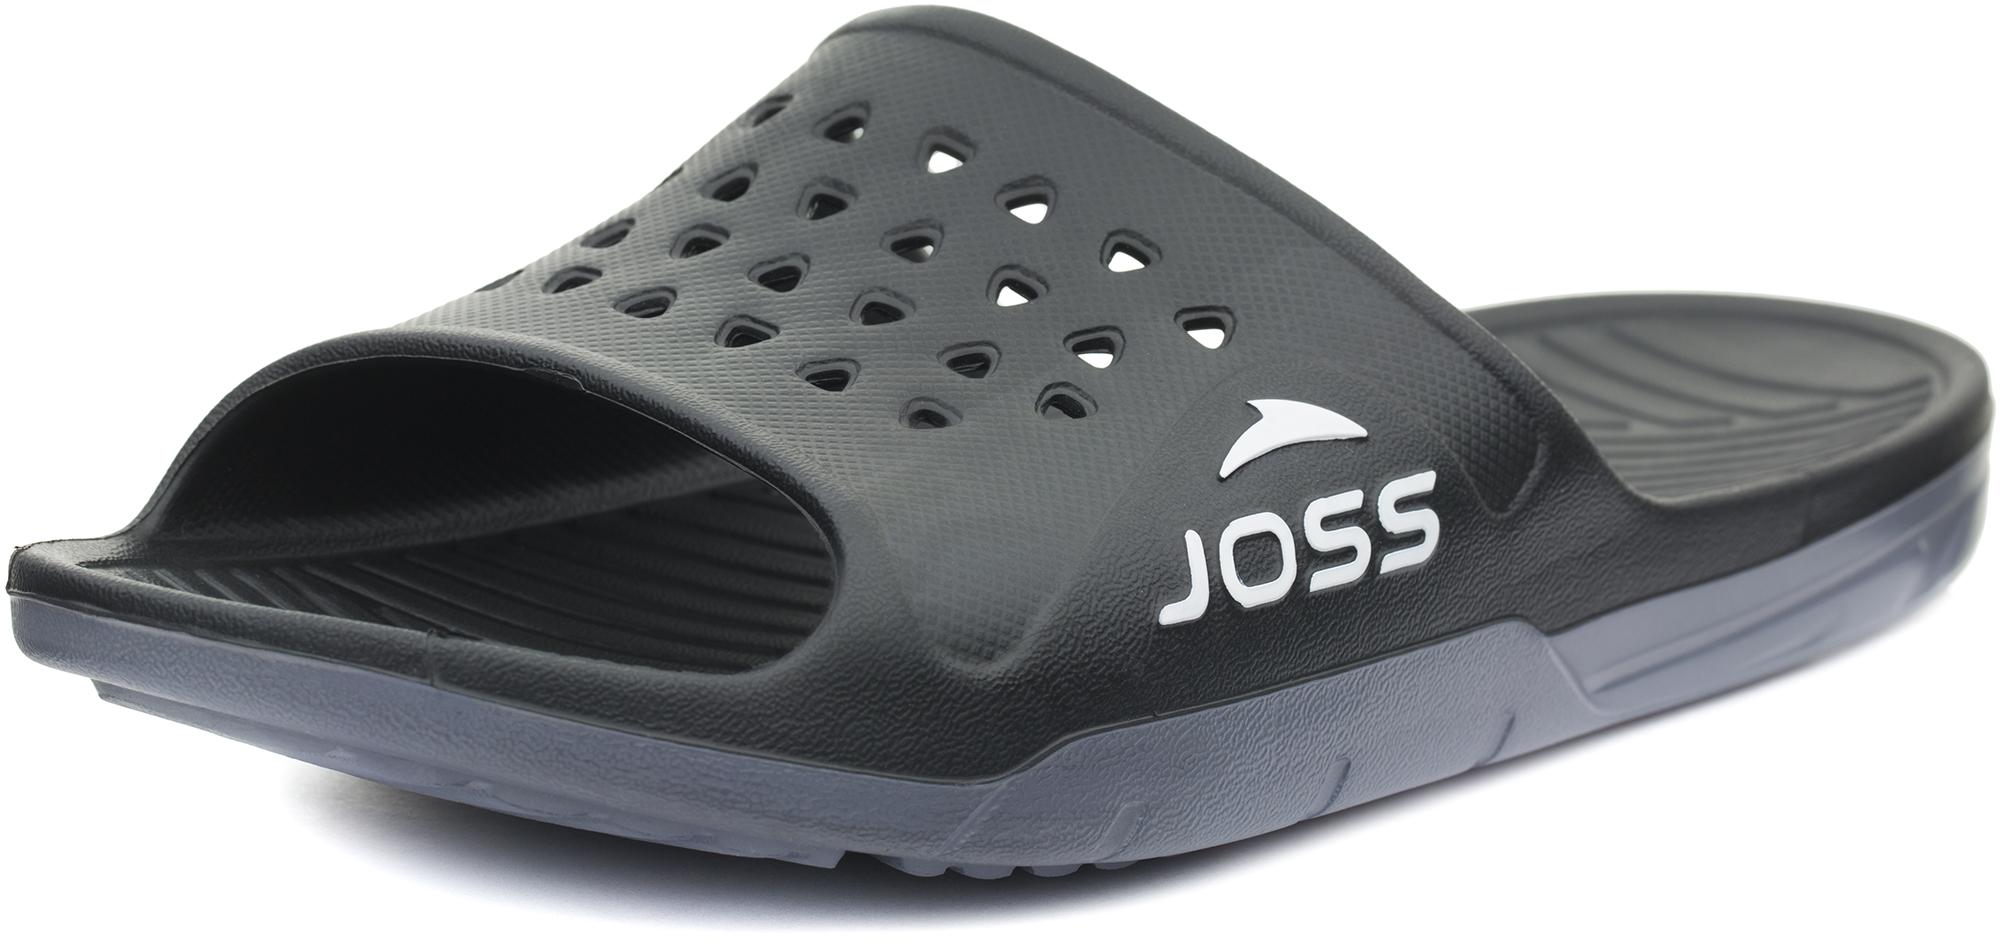 Joss Шлепанцы мужские Eclipse, размер 39